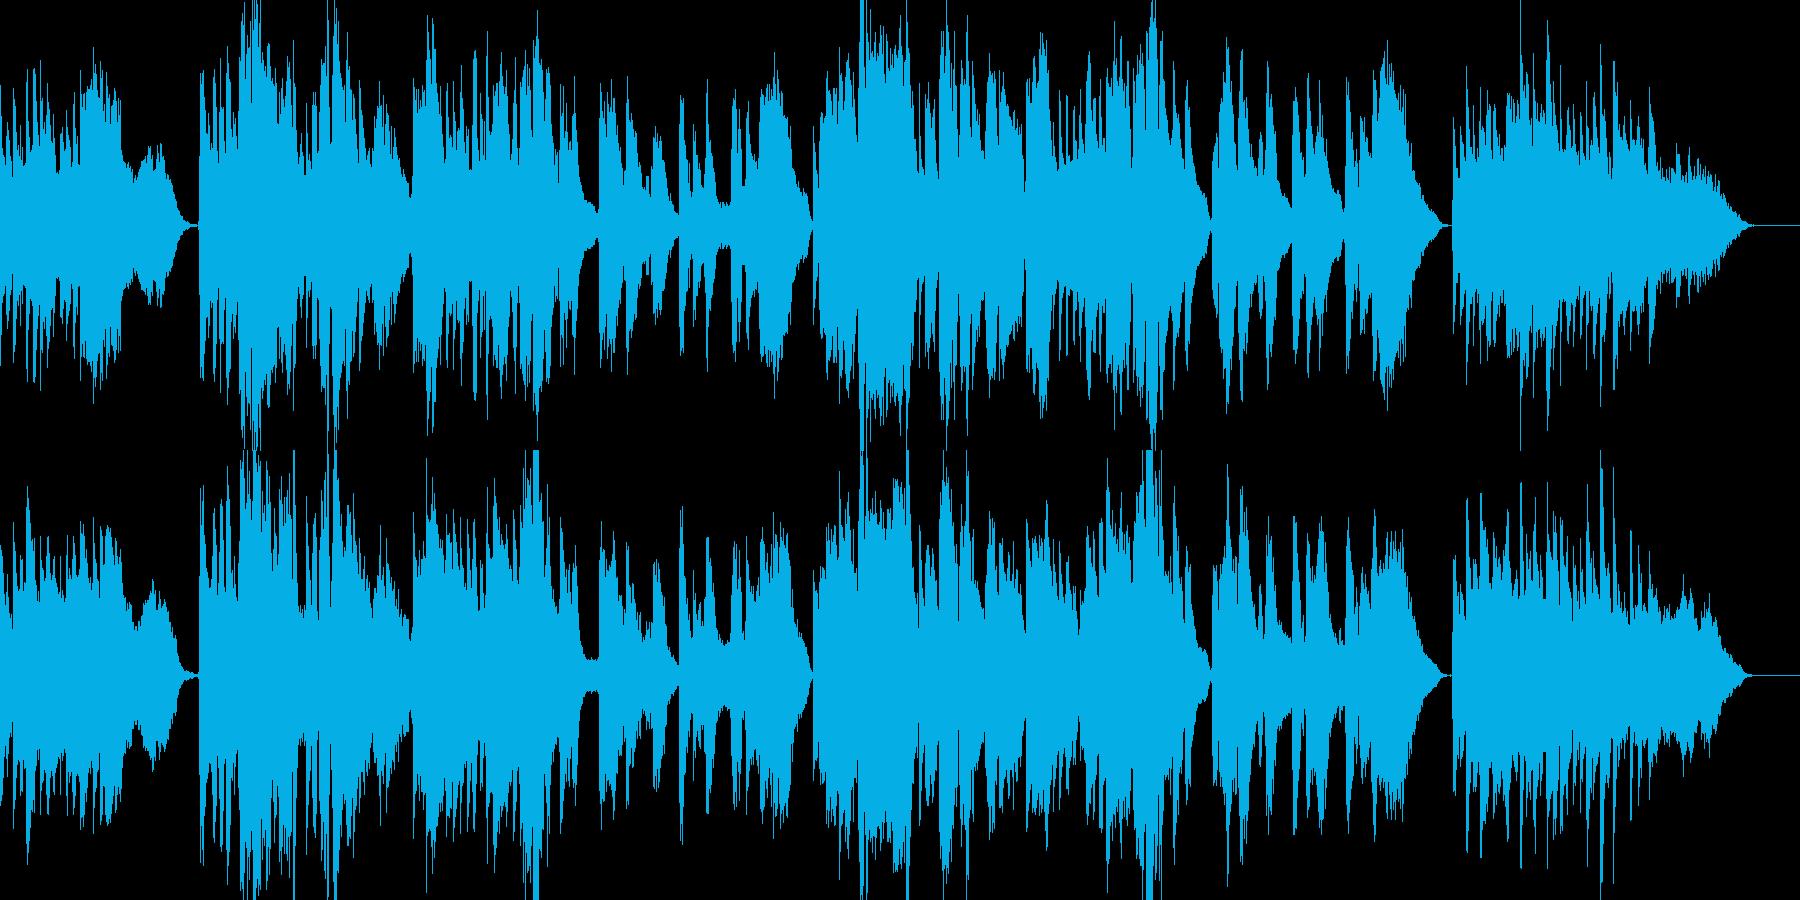 「熊本・天草地方の子守唄」ピアノ弾き語りの再生済みの波形